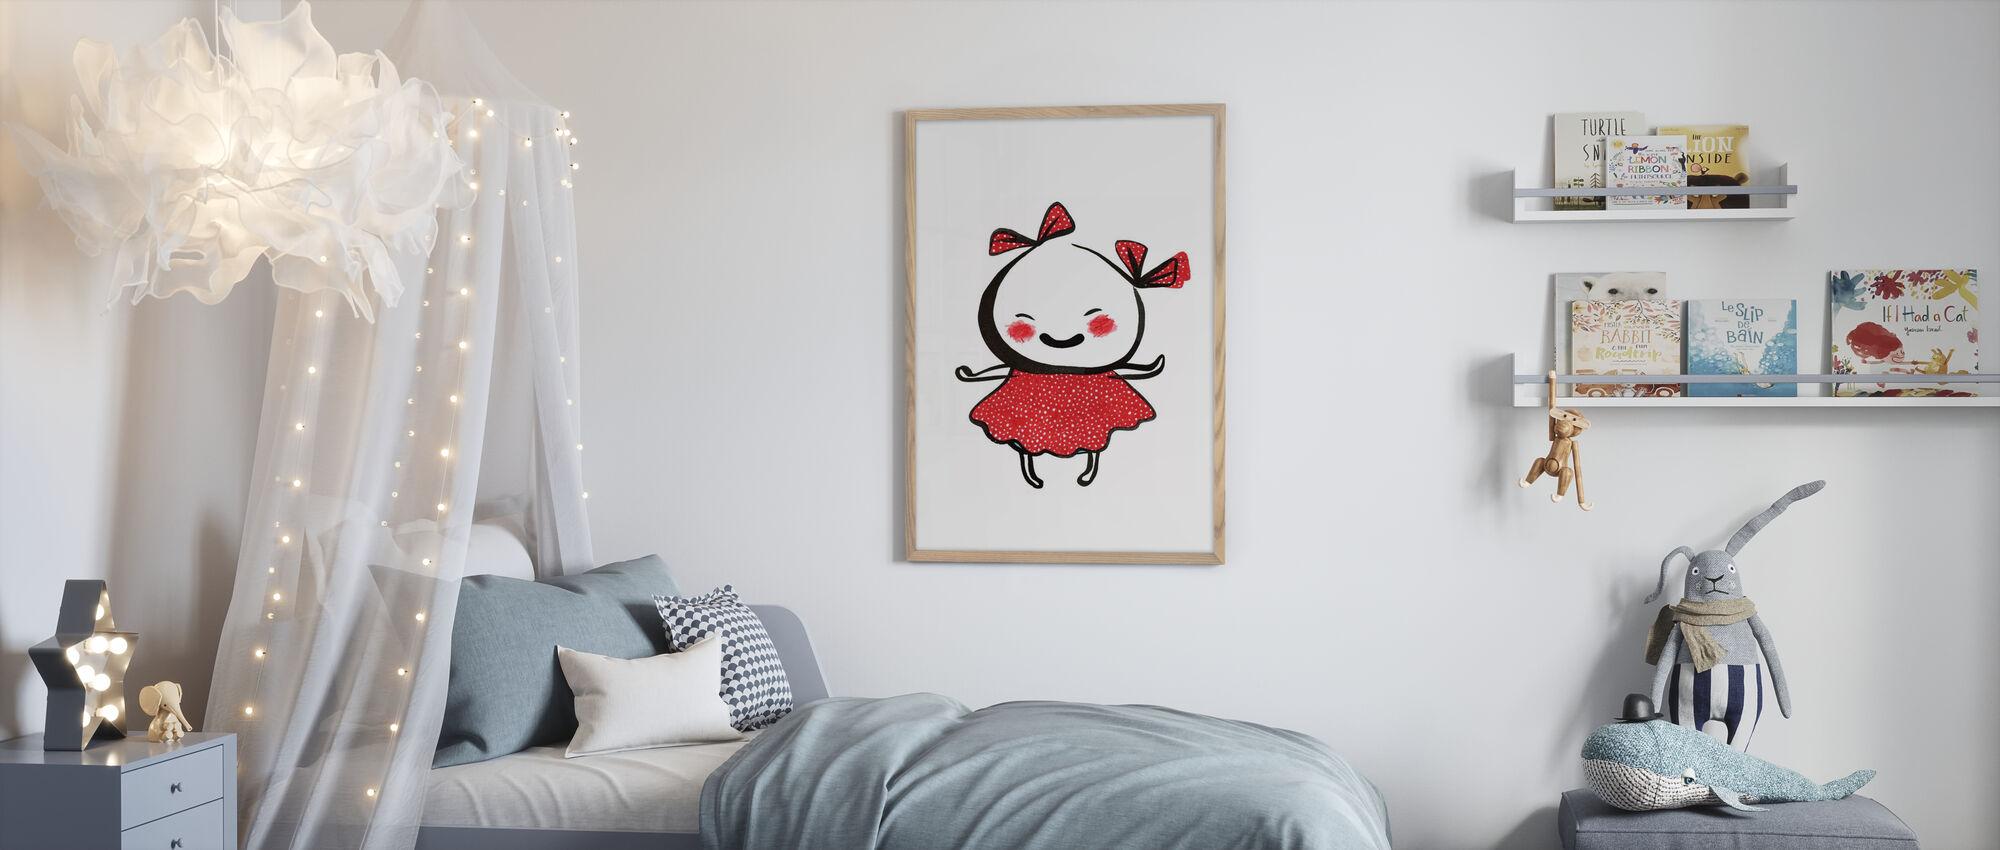 Mariko - Affiche - Chambre des enfants